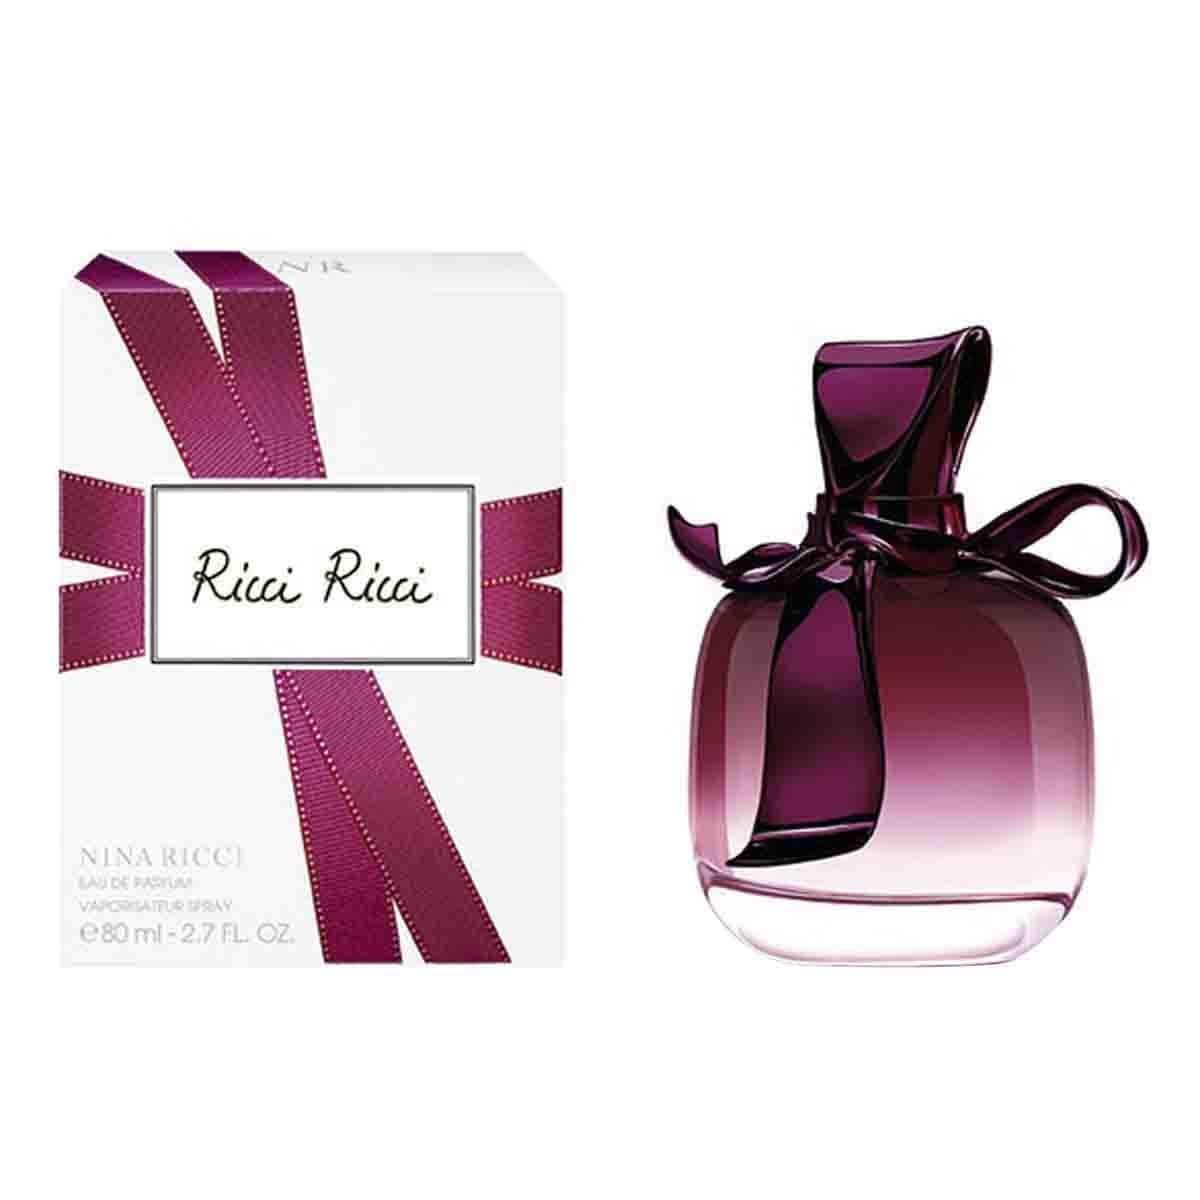 Fragancia para Dama, Nina Ricci, Ricci Ricci Edp 80Ml